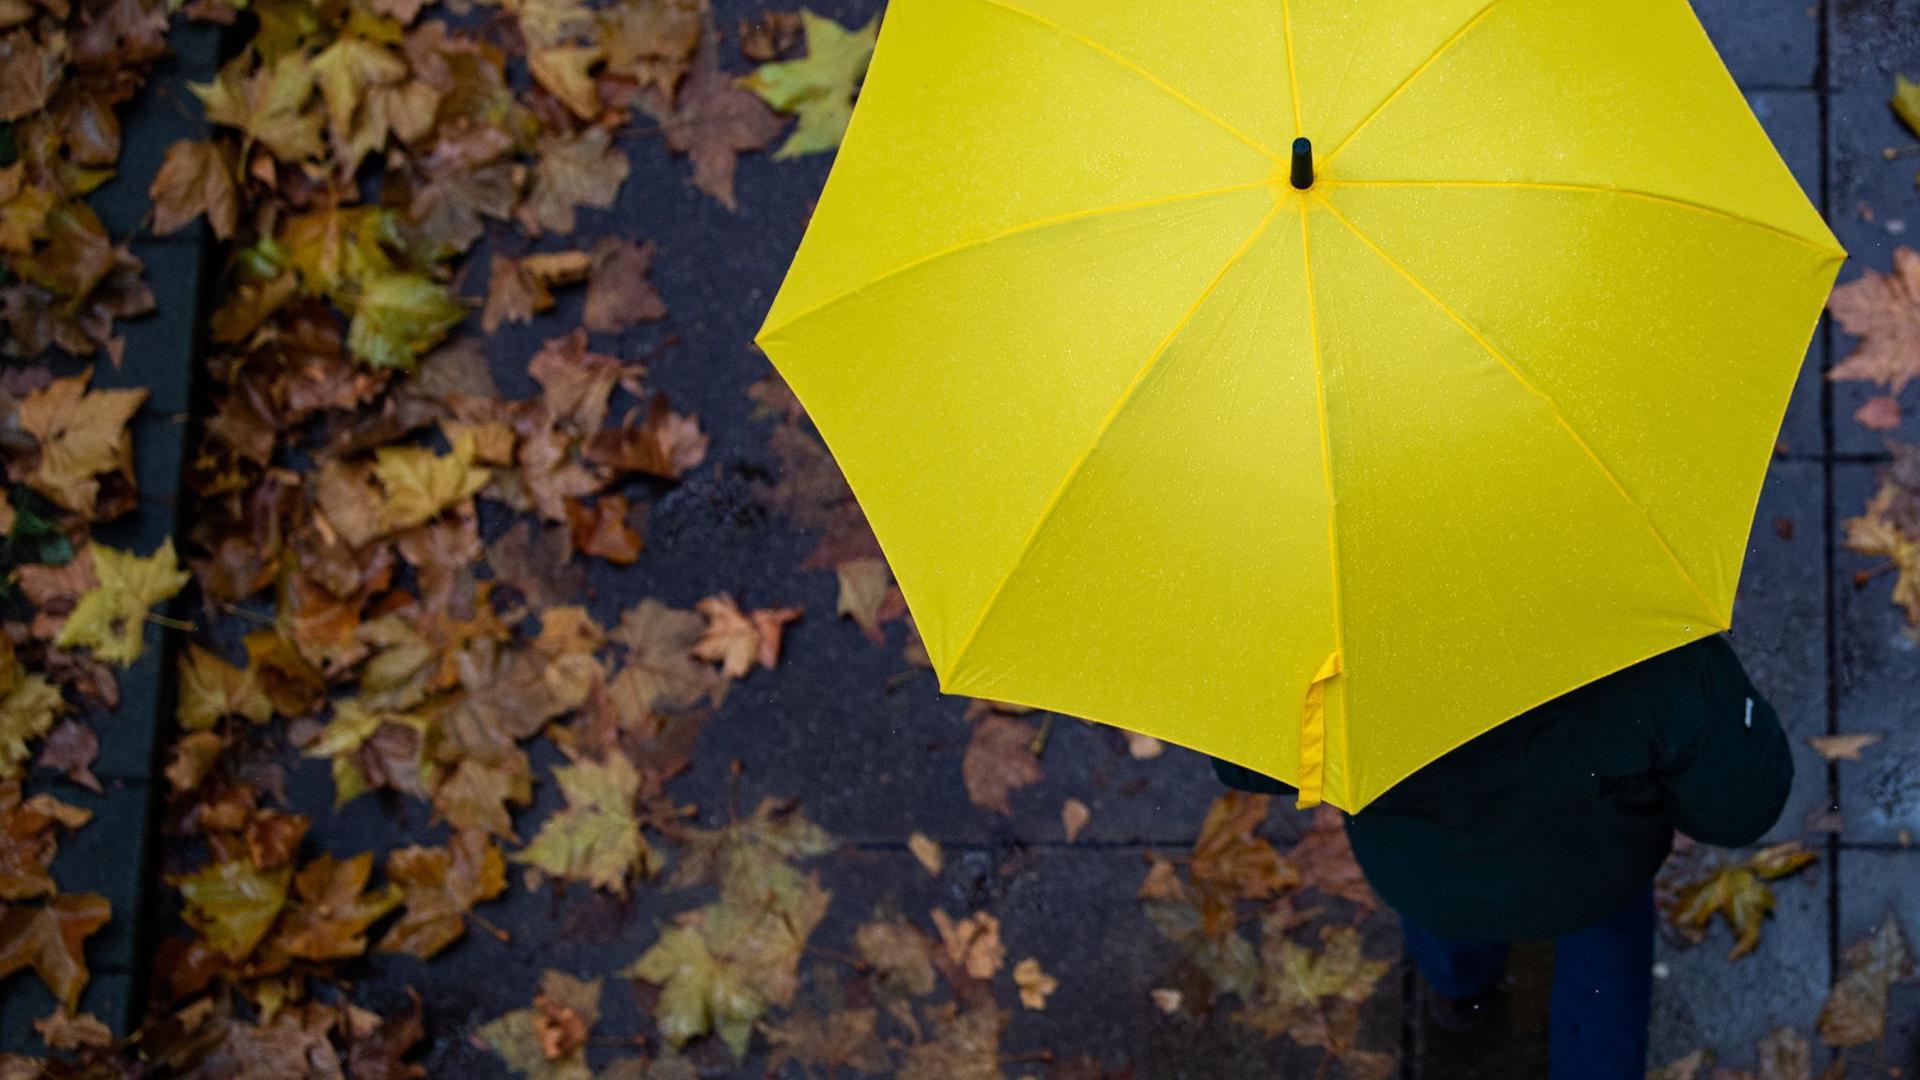 Eine Person läuft mit einem Regenschirm auf einem Gehweg.